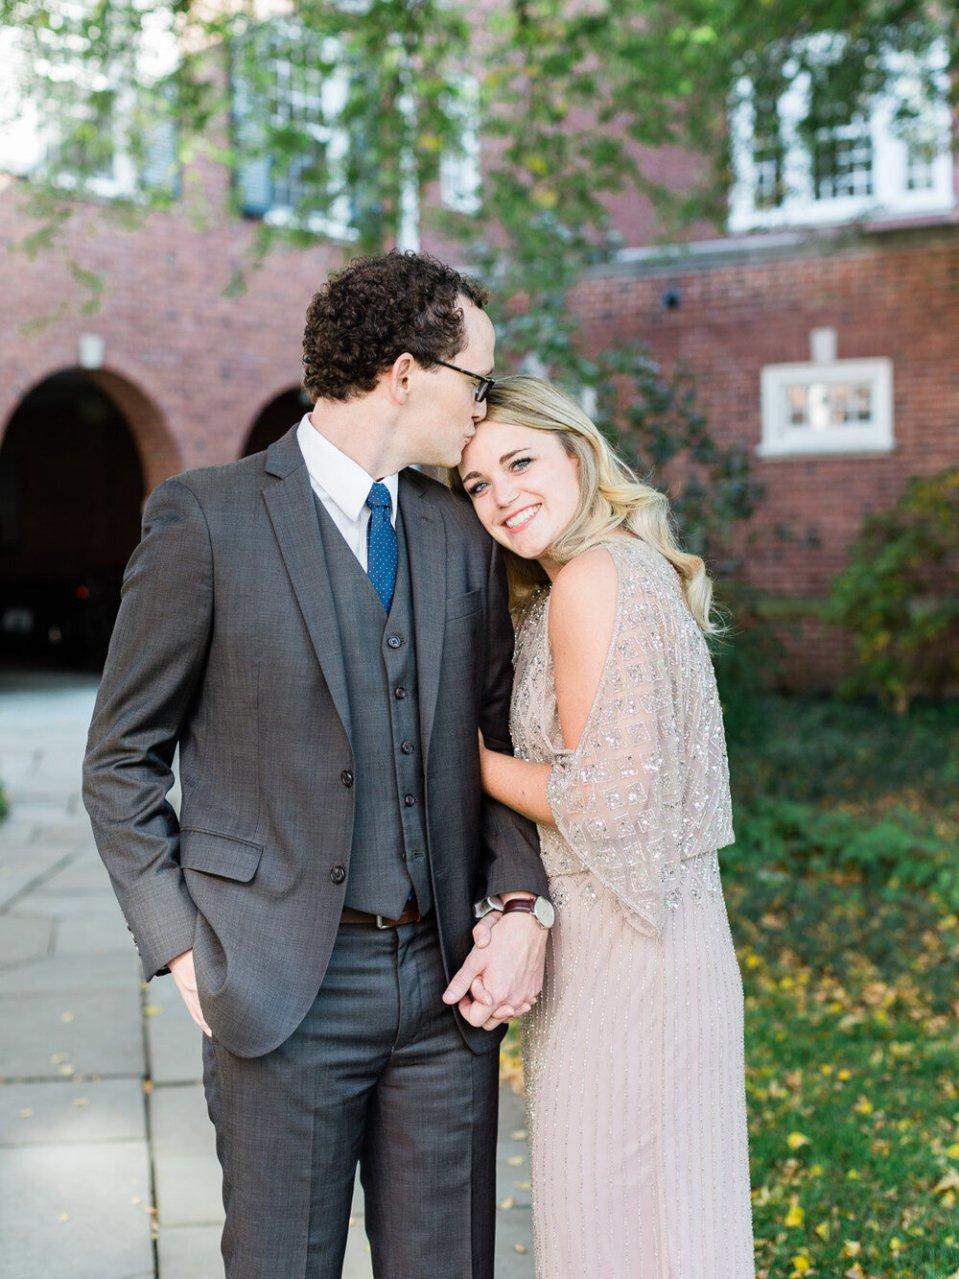 Fashionable+Yale+Engagement+Photos-2.jpg